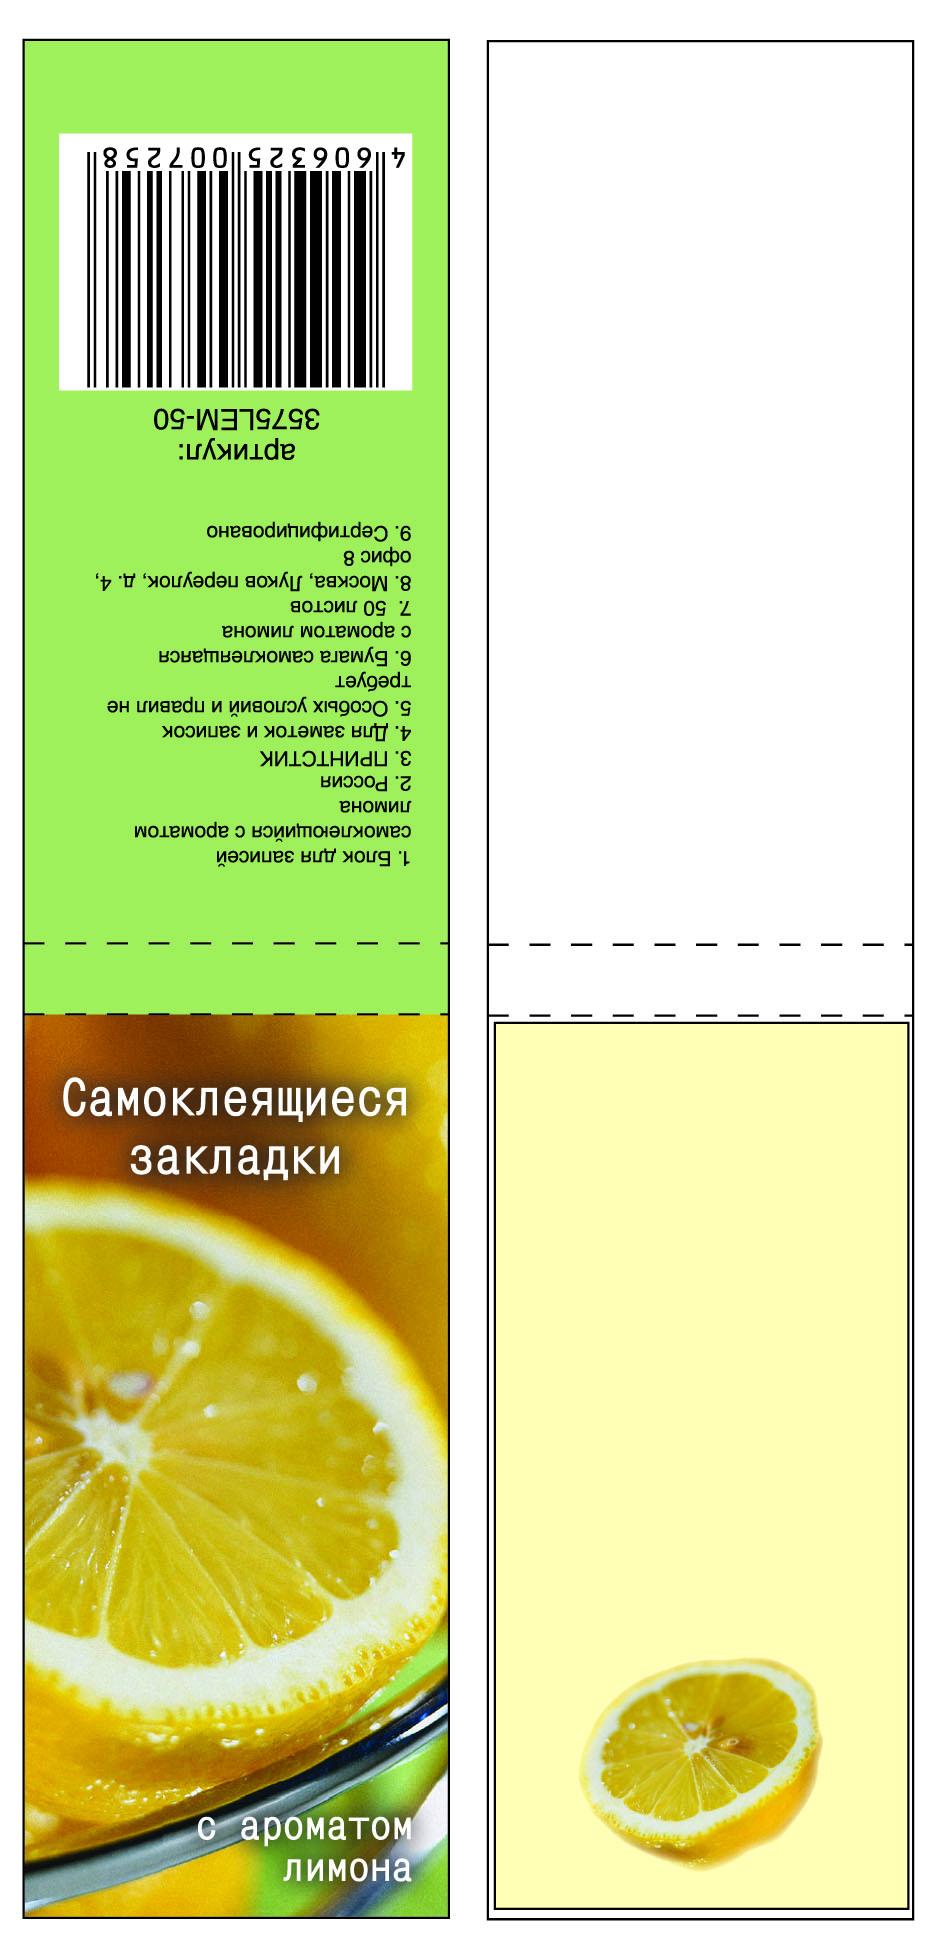 Самоклеящийся блок с ароматом лимона (мал.)